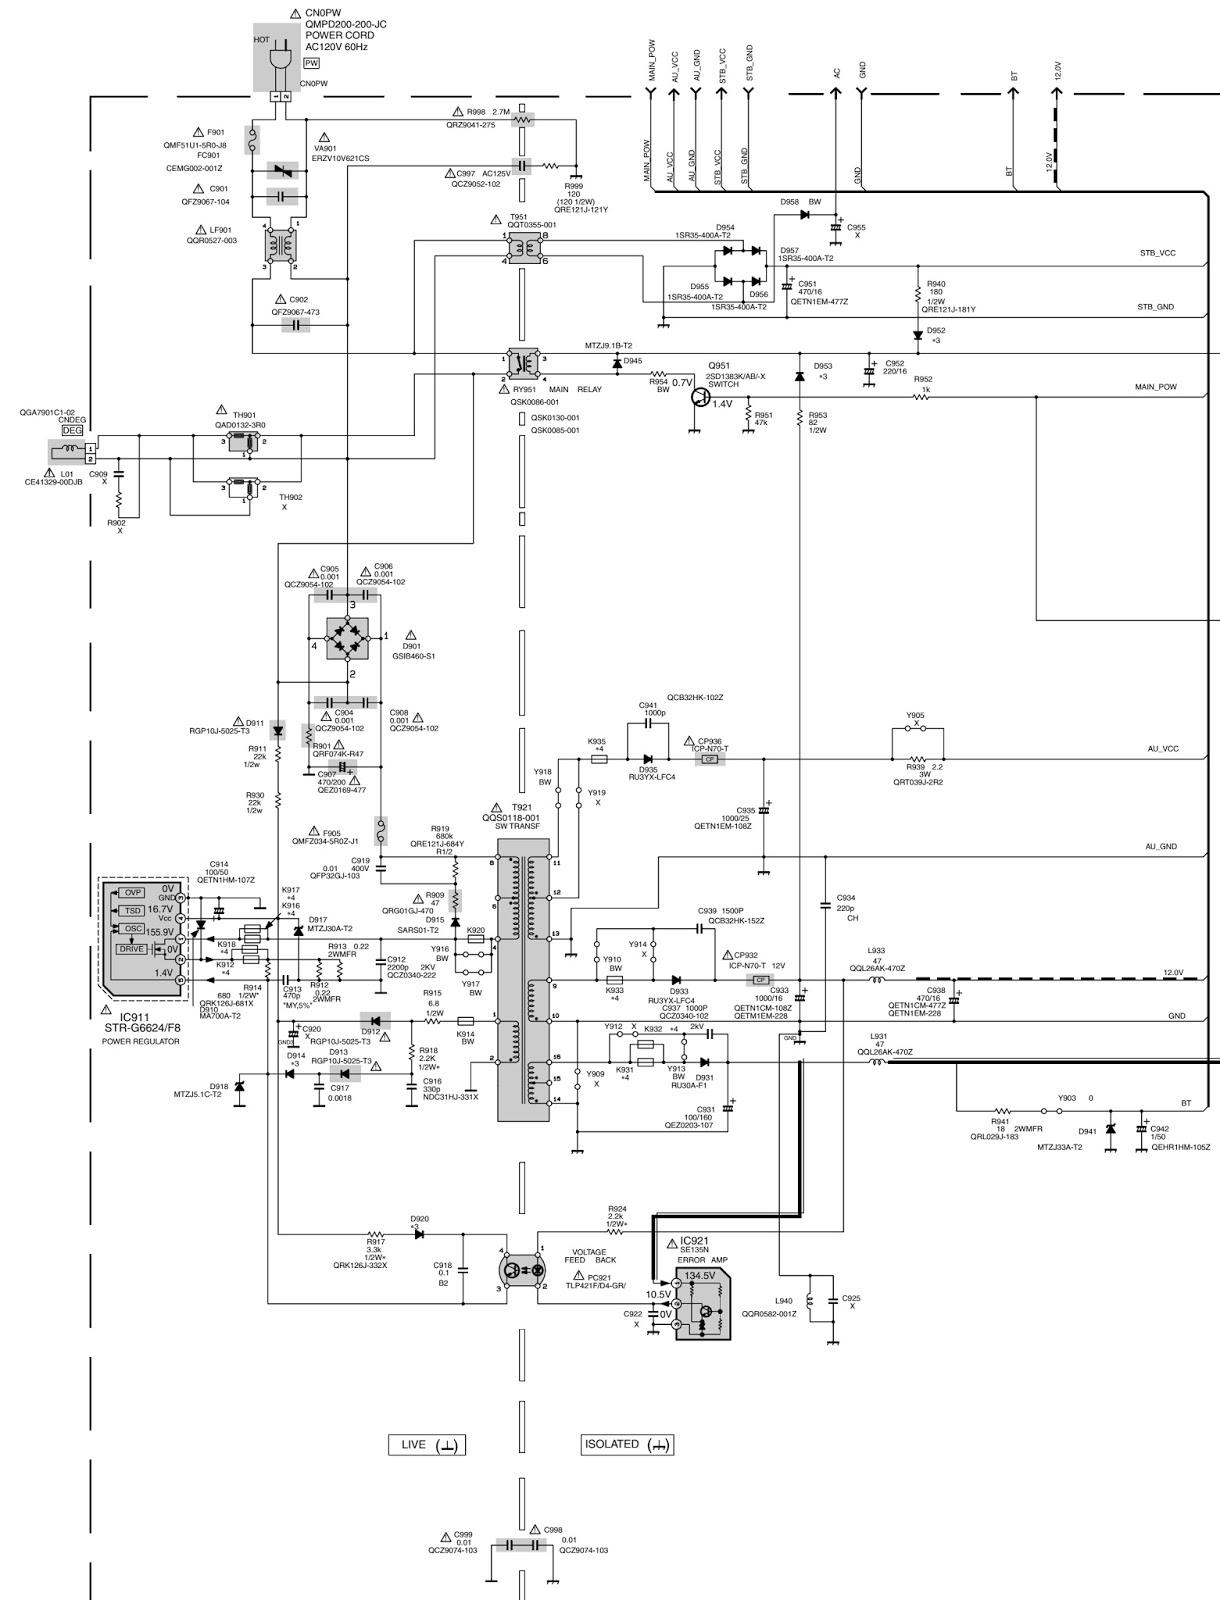 JVC AV27D502 AR  AV27D502  SMPS  Schematic Diagram